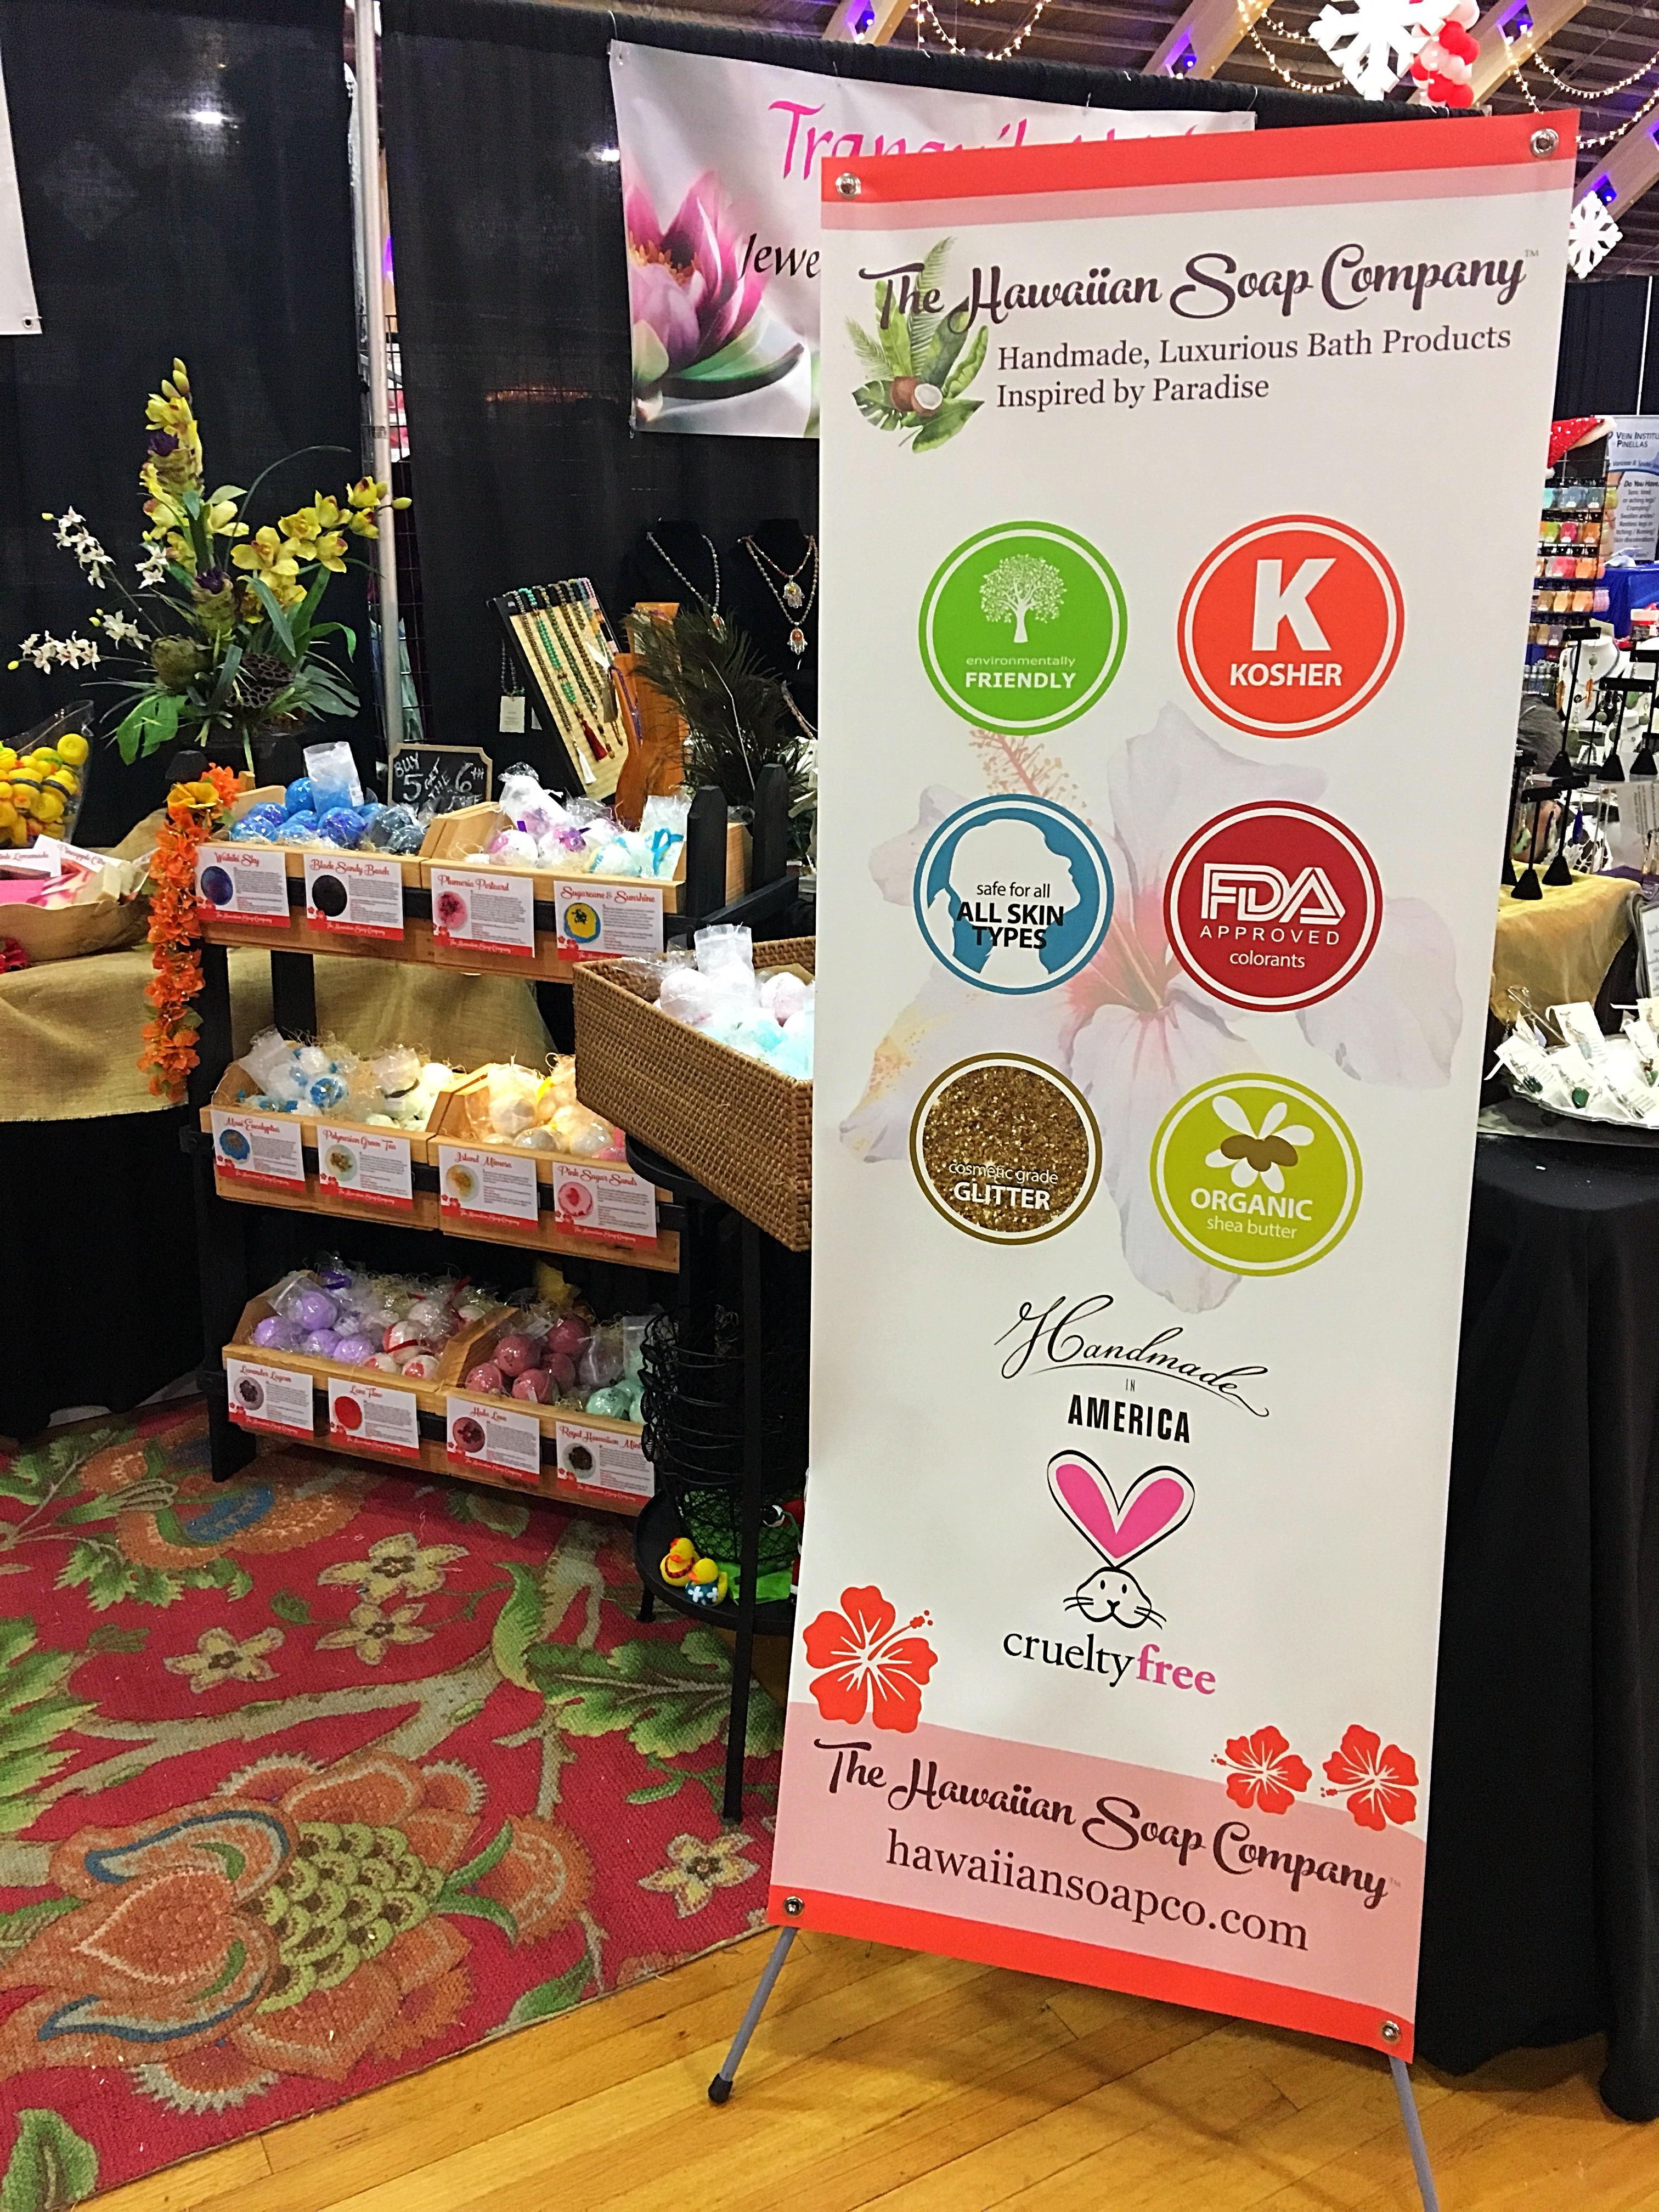 Hawaiian Soap Co. Events